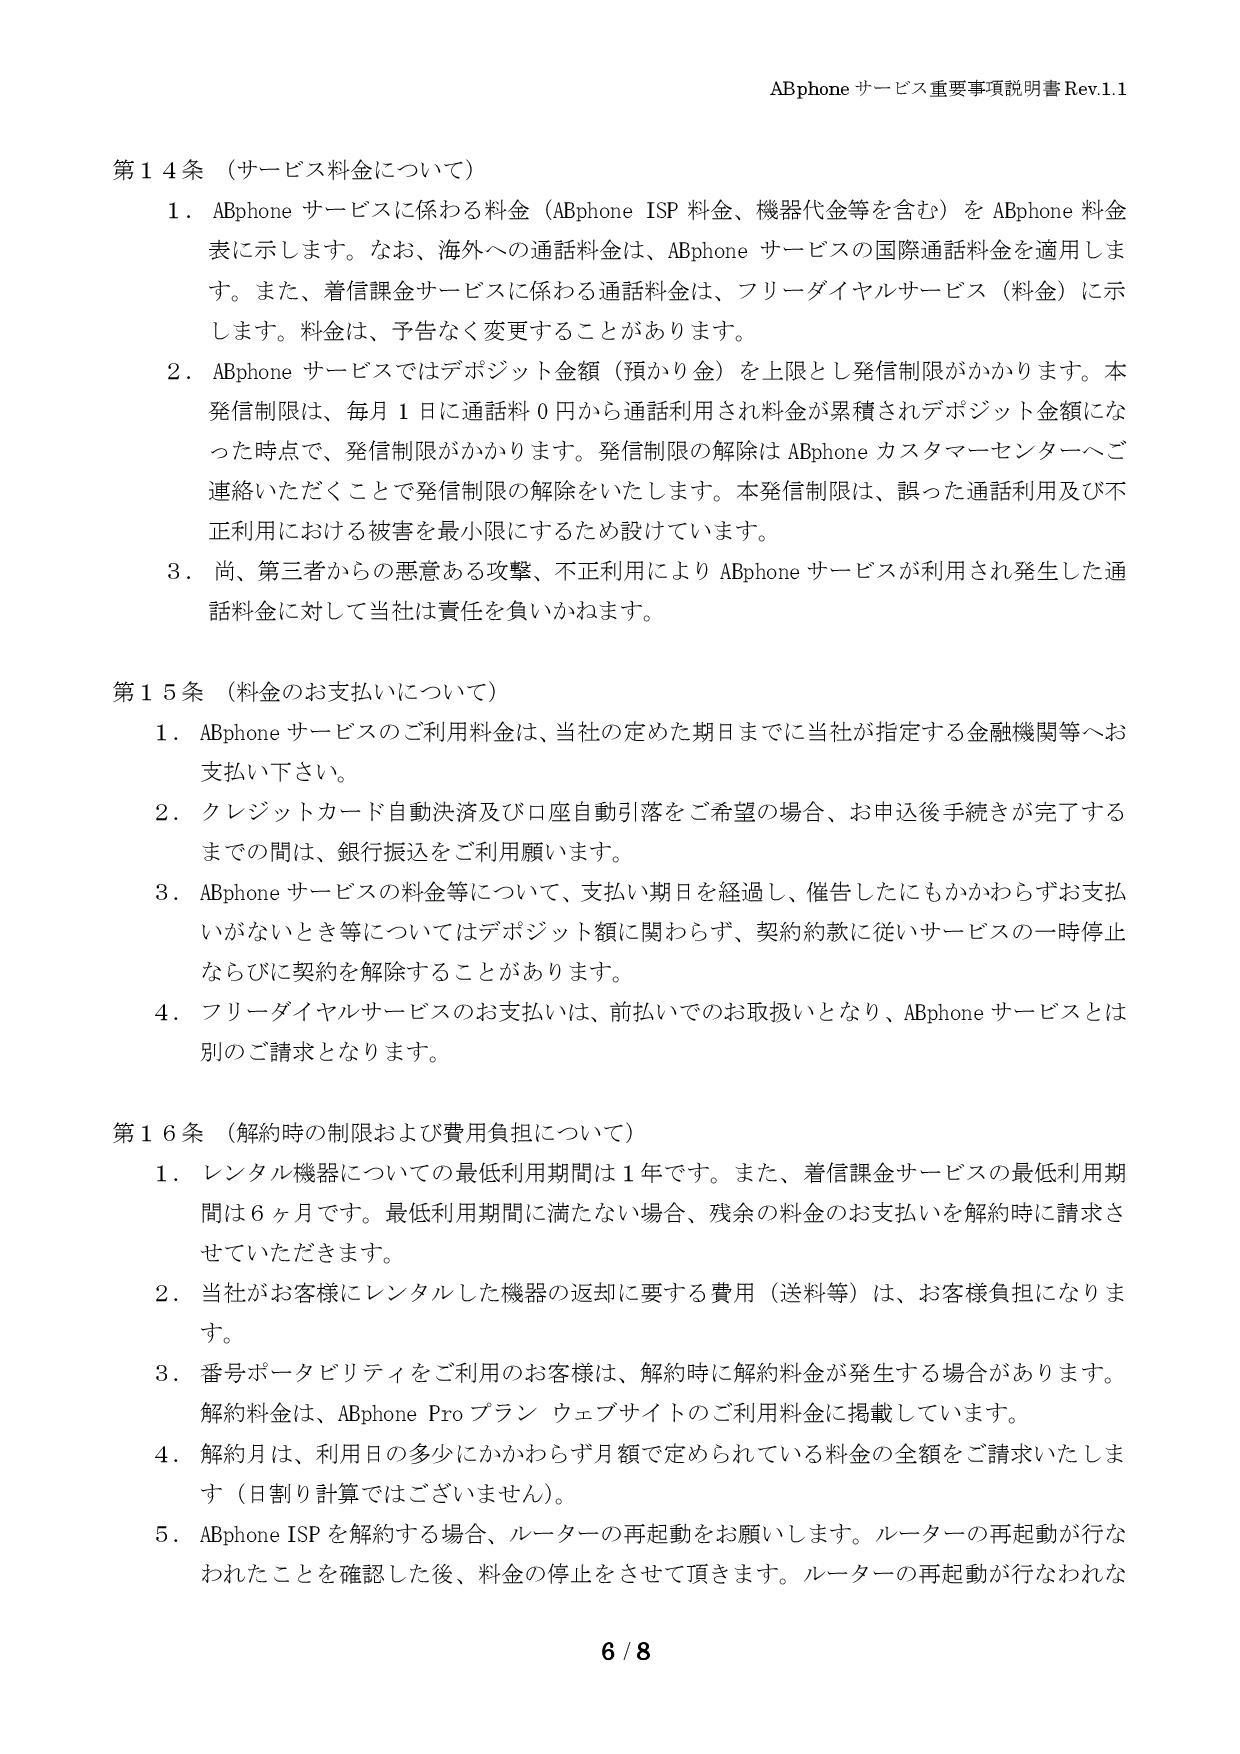 重要事項説明 6/8